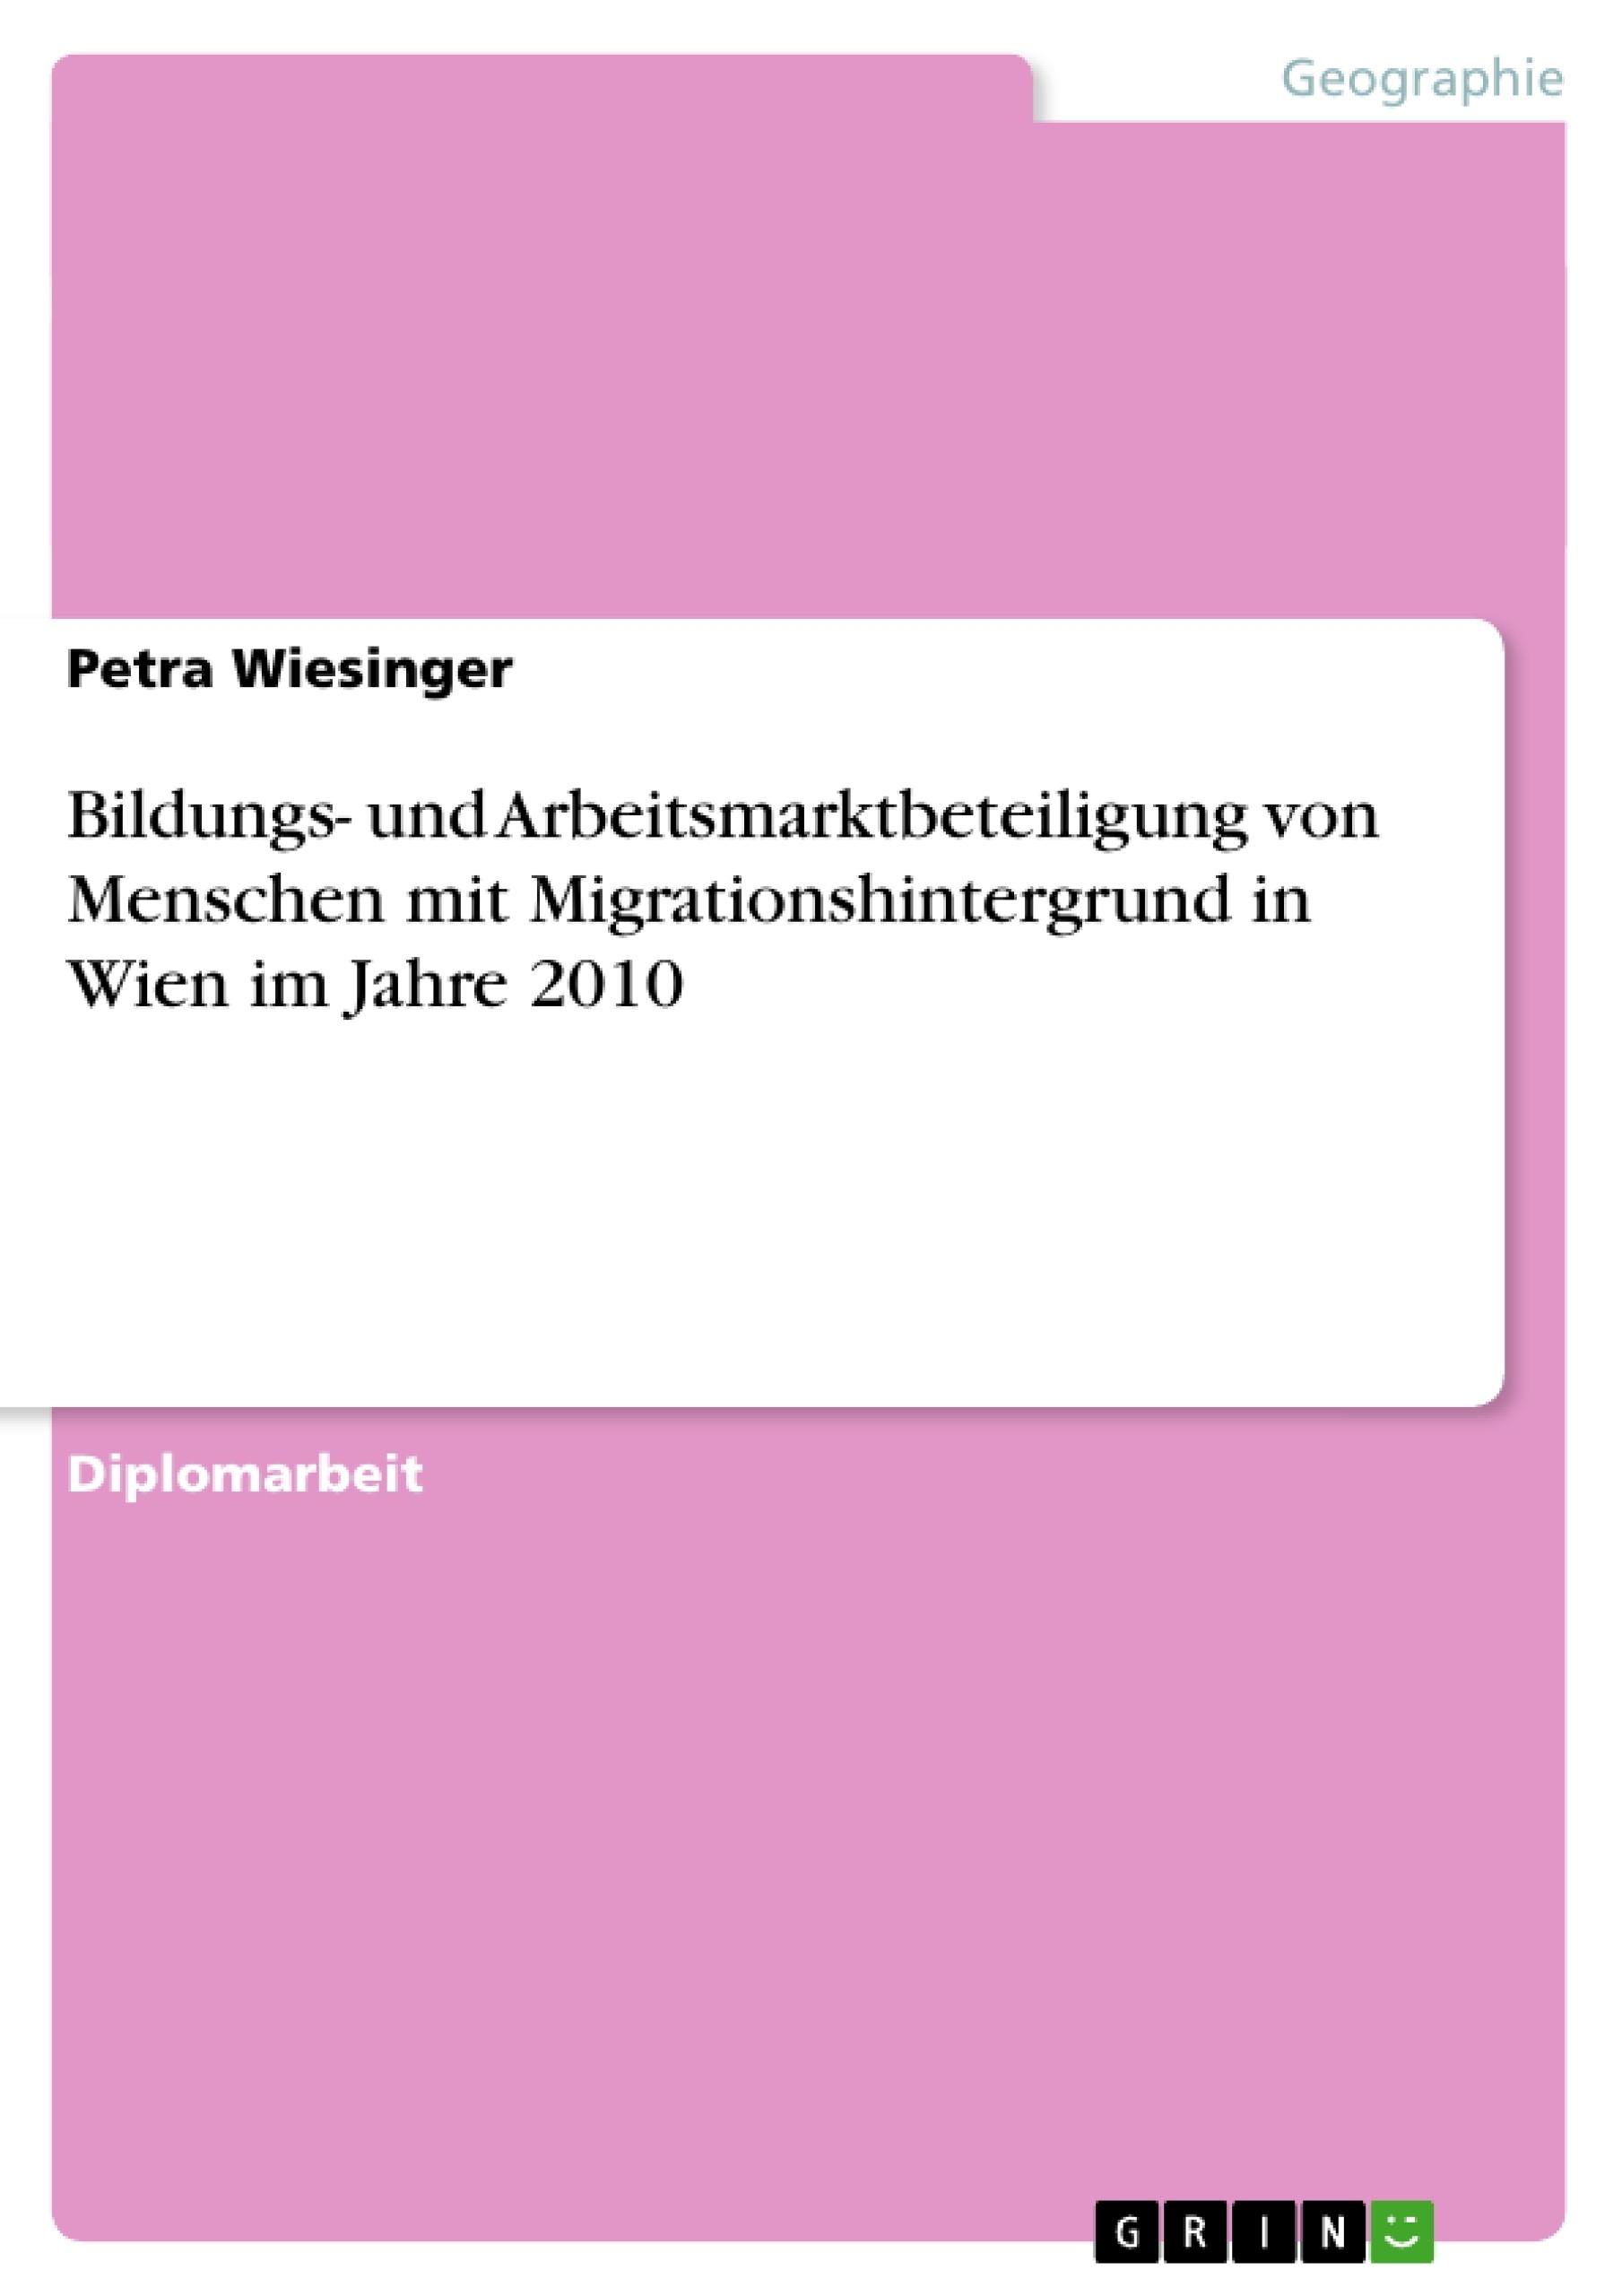 Titel: Bildungs- und Arbeitsmarktbeteiligung von Menschen mit Migrationshintergrund in Wien im Jahre 2010